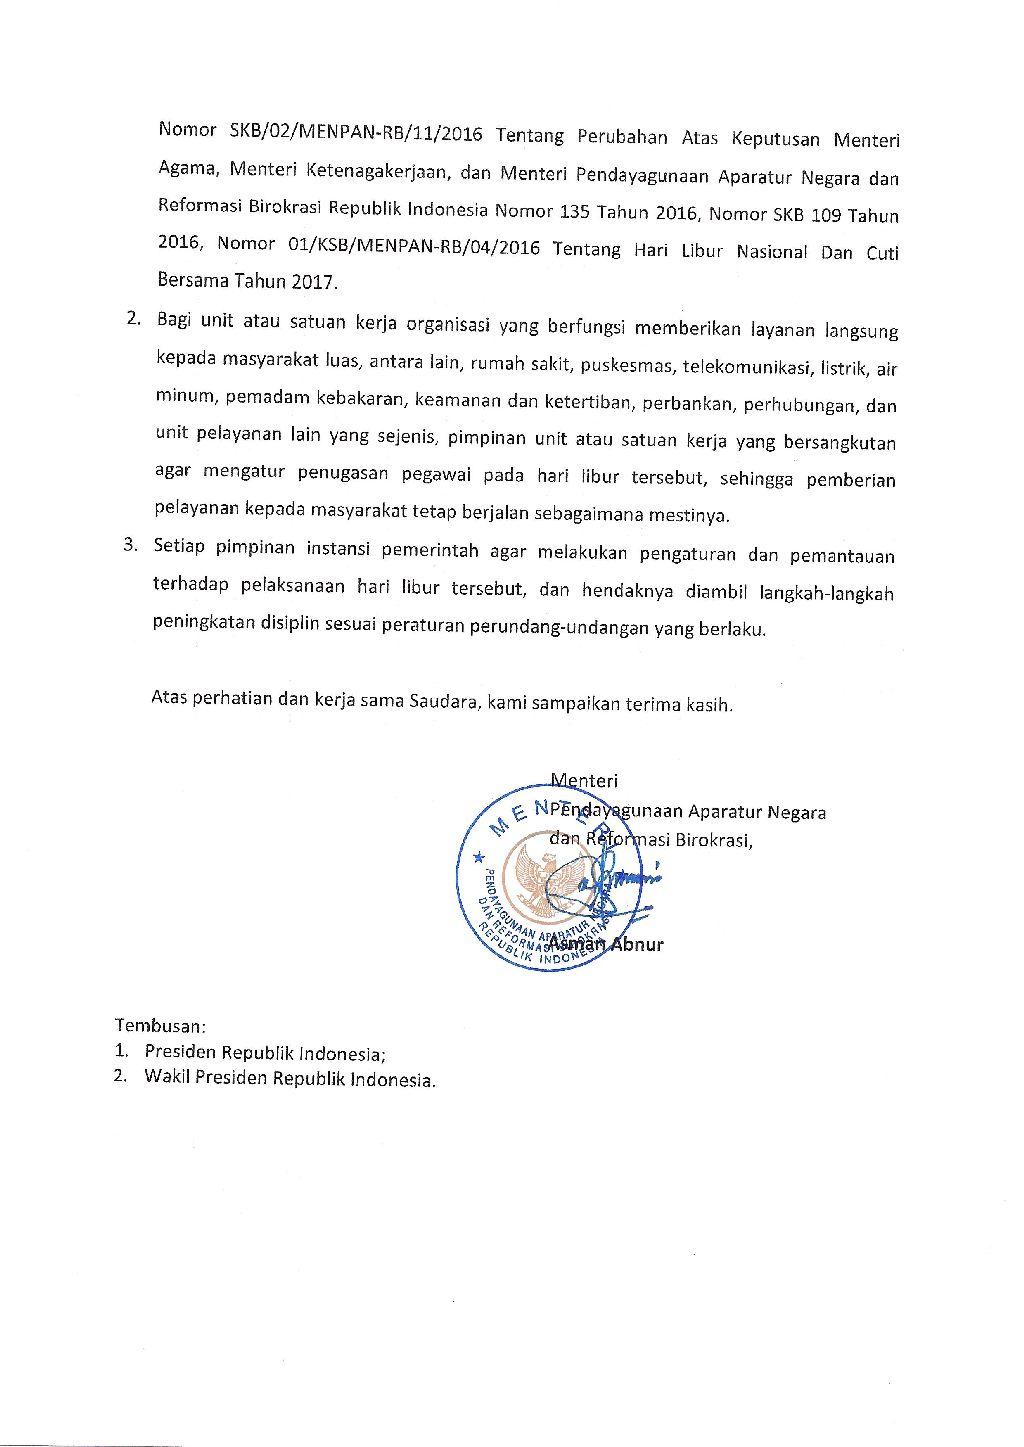 Download Surat Menteri Panrb Tentang Pelaksaan Hari Libur Nasional 15 Februari 2017 Sd Negeri